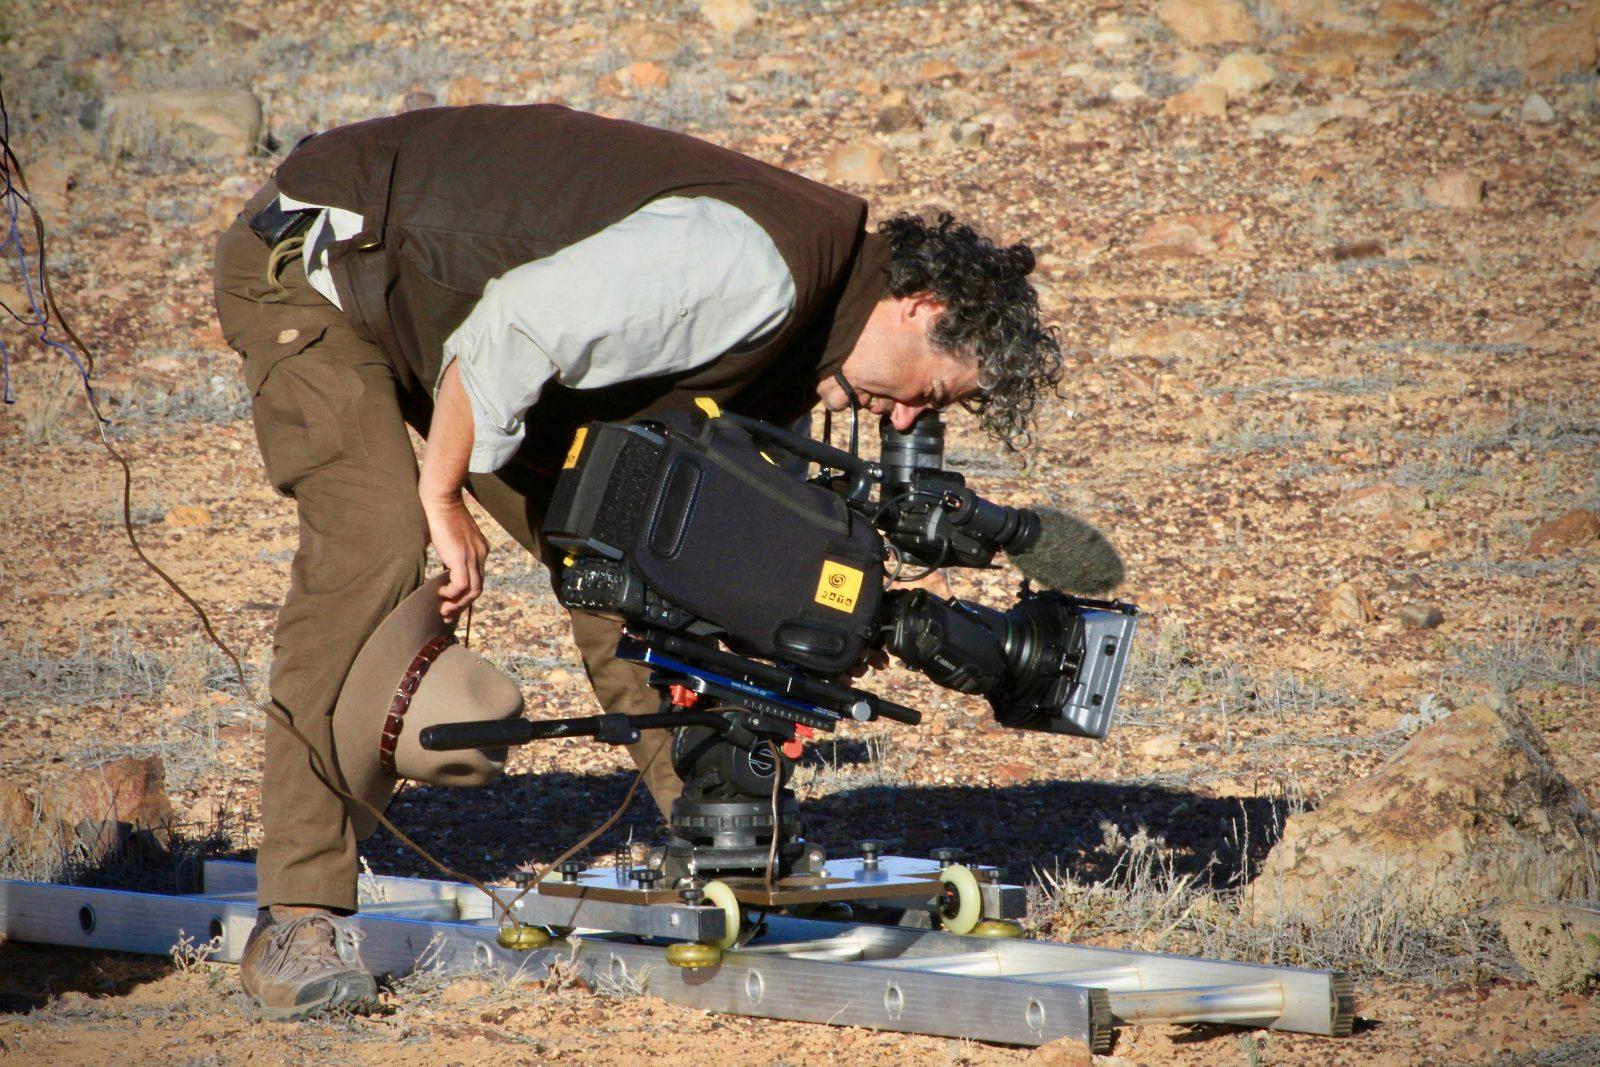 filmemacher-jens-westphalen-wueste-australien-zorillafilm-grospitz-westphalen